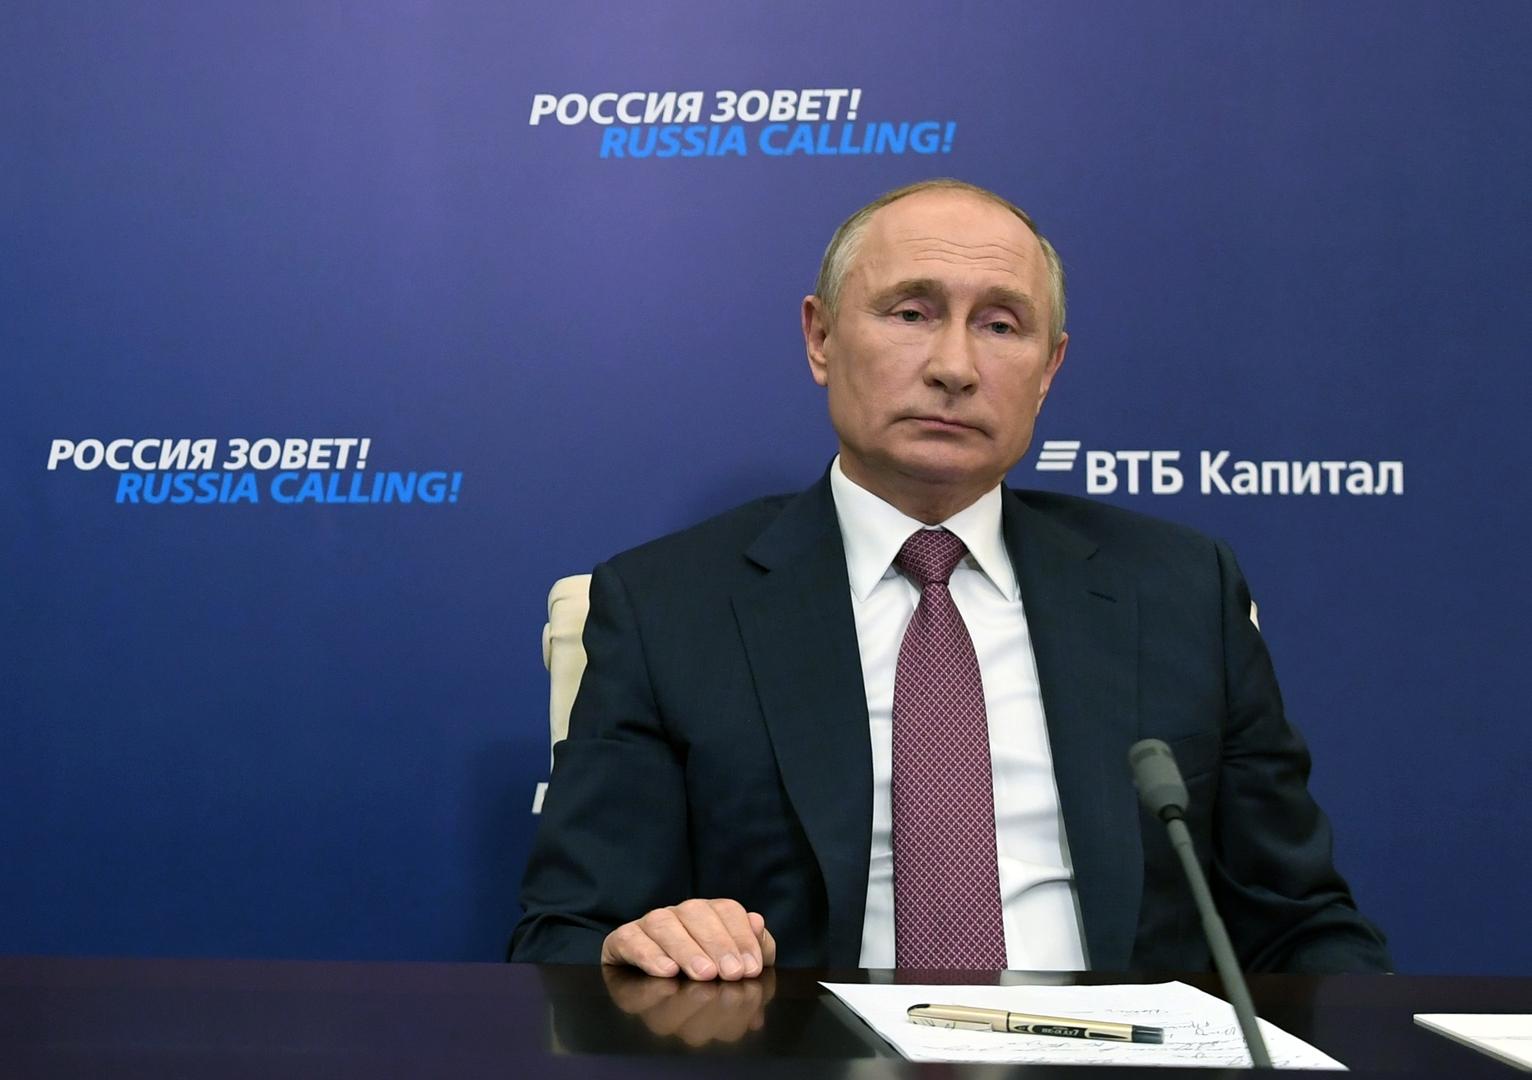 بوتين يعلن عن رؤية موسكو لتسوية النزاع في قره باغ